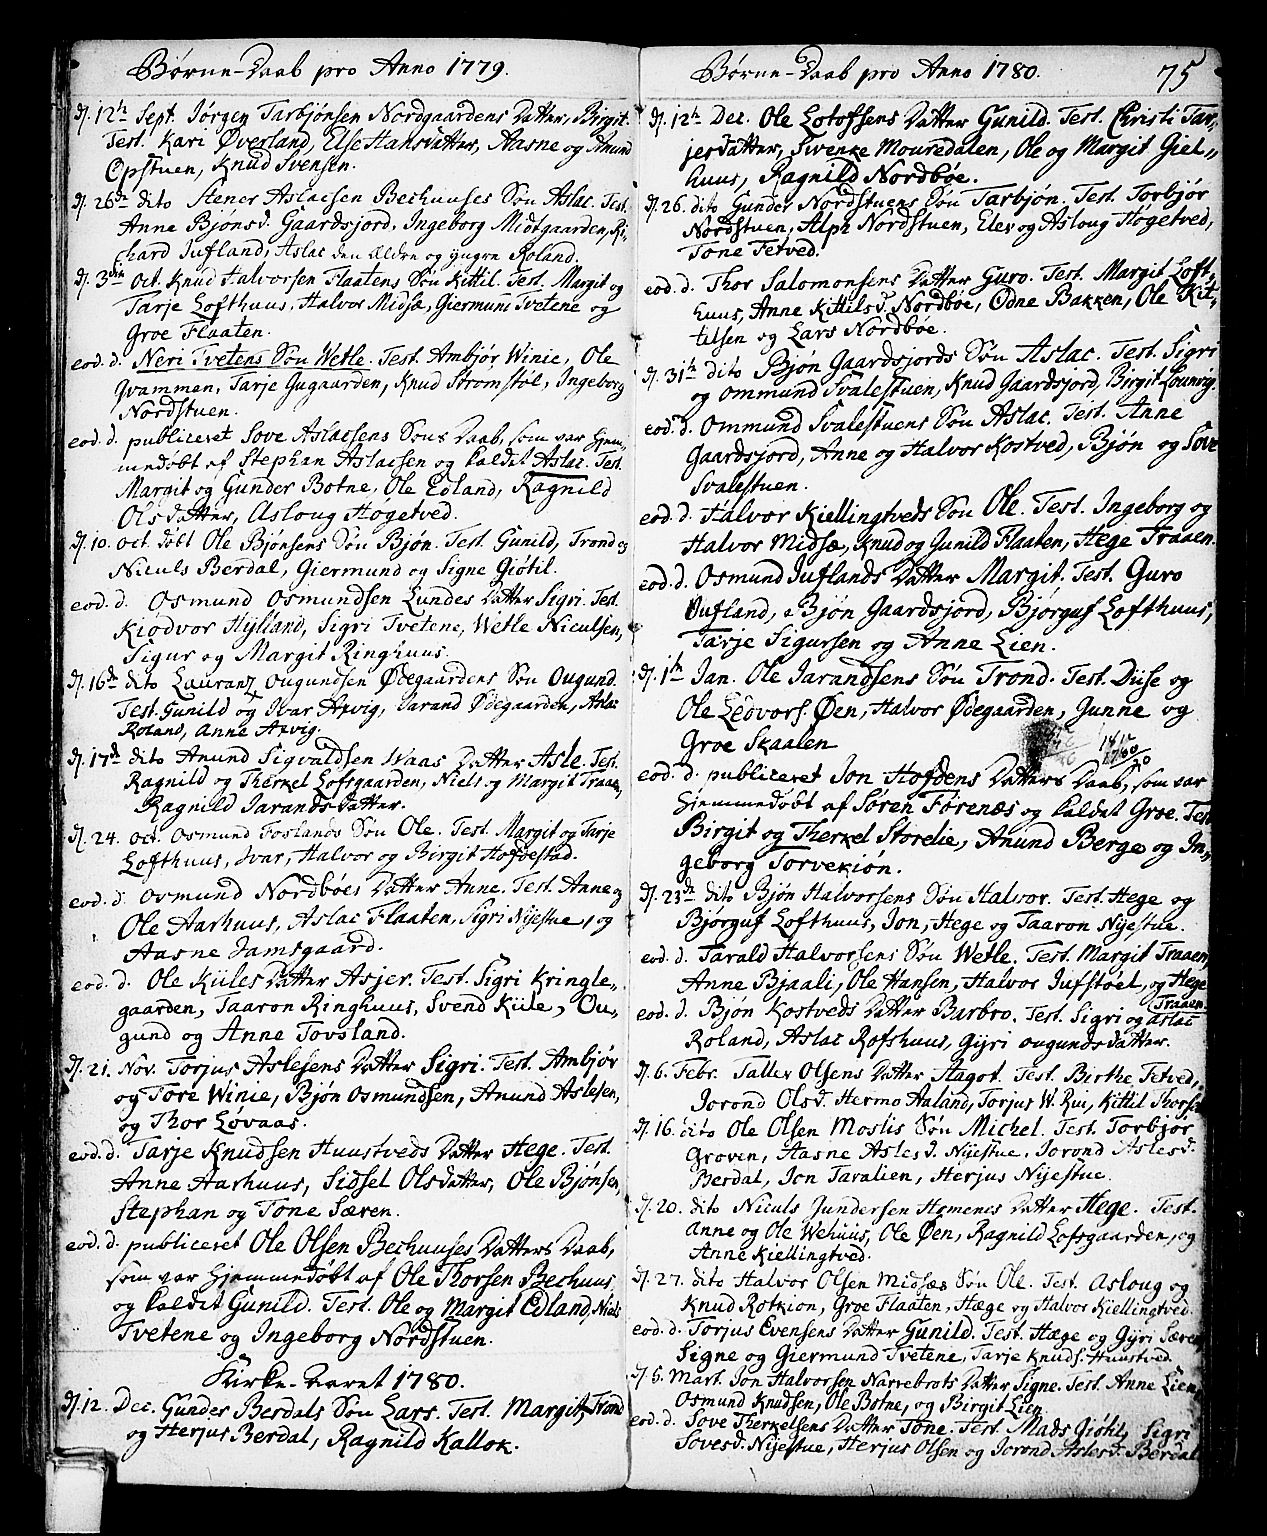 SAKO, Vinje kirkebøker, F/Fa/L0002: Ministerialbok nr. I 2, 1767-1814, s. 75